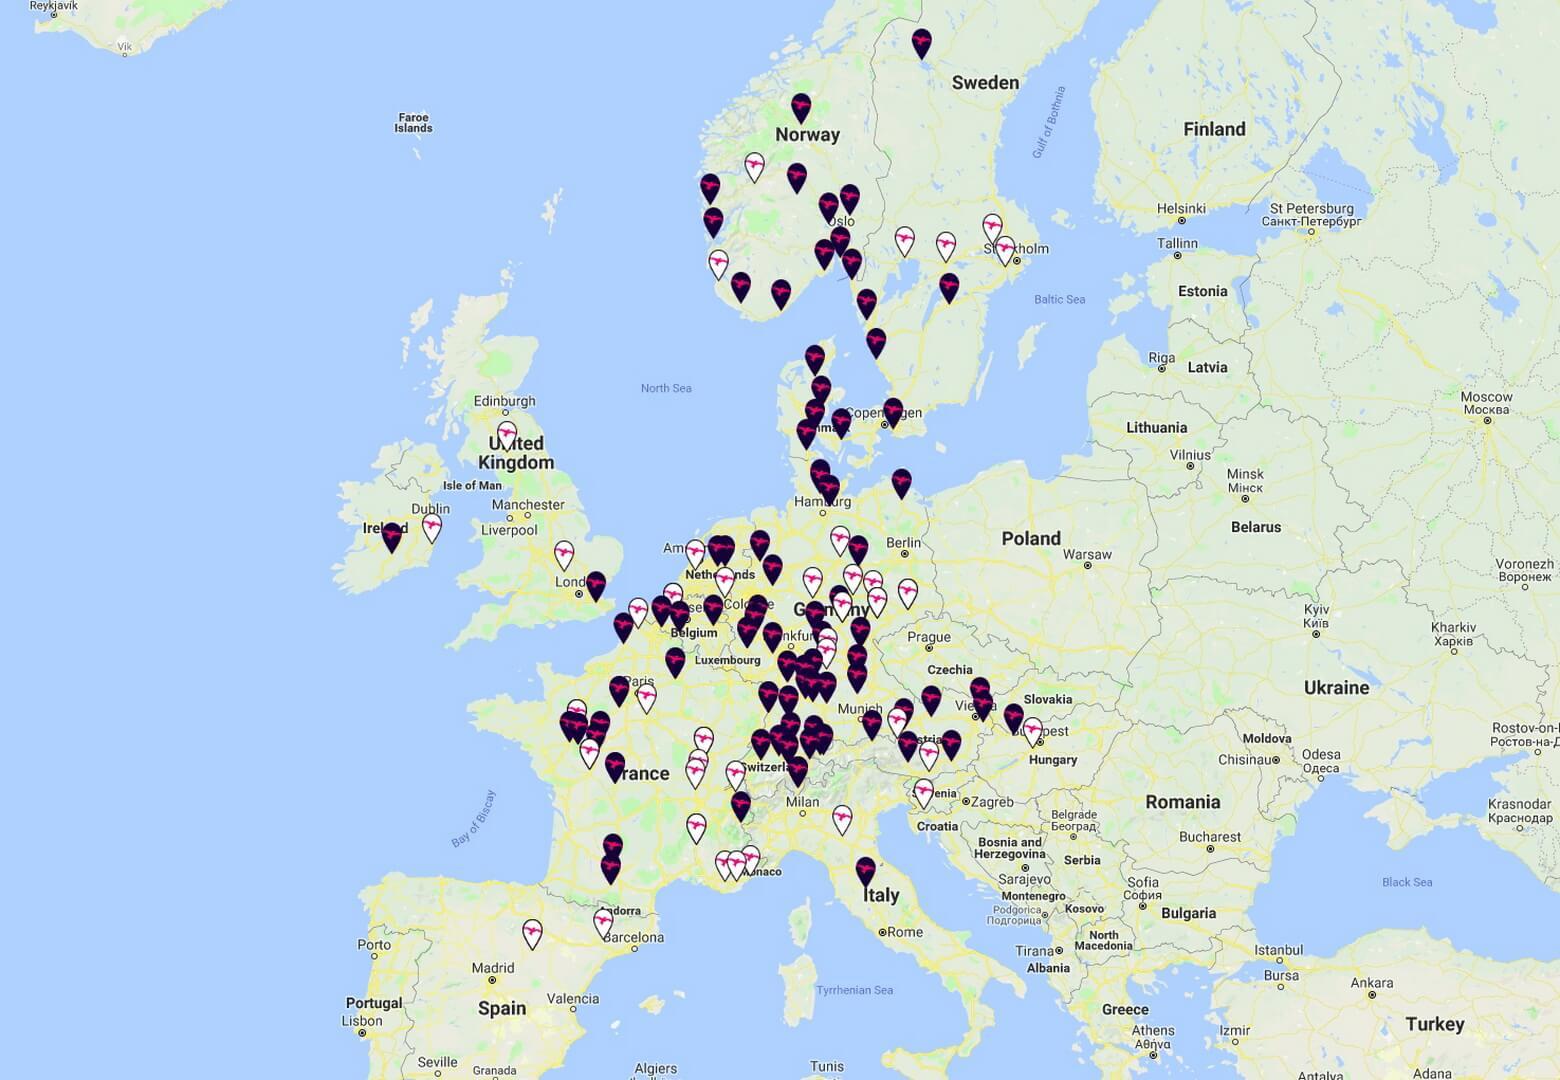 Сеть сверхбыстрых зарядных станций Ionity в Европе на данный момент